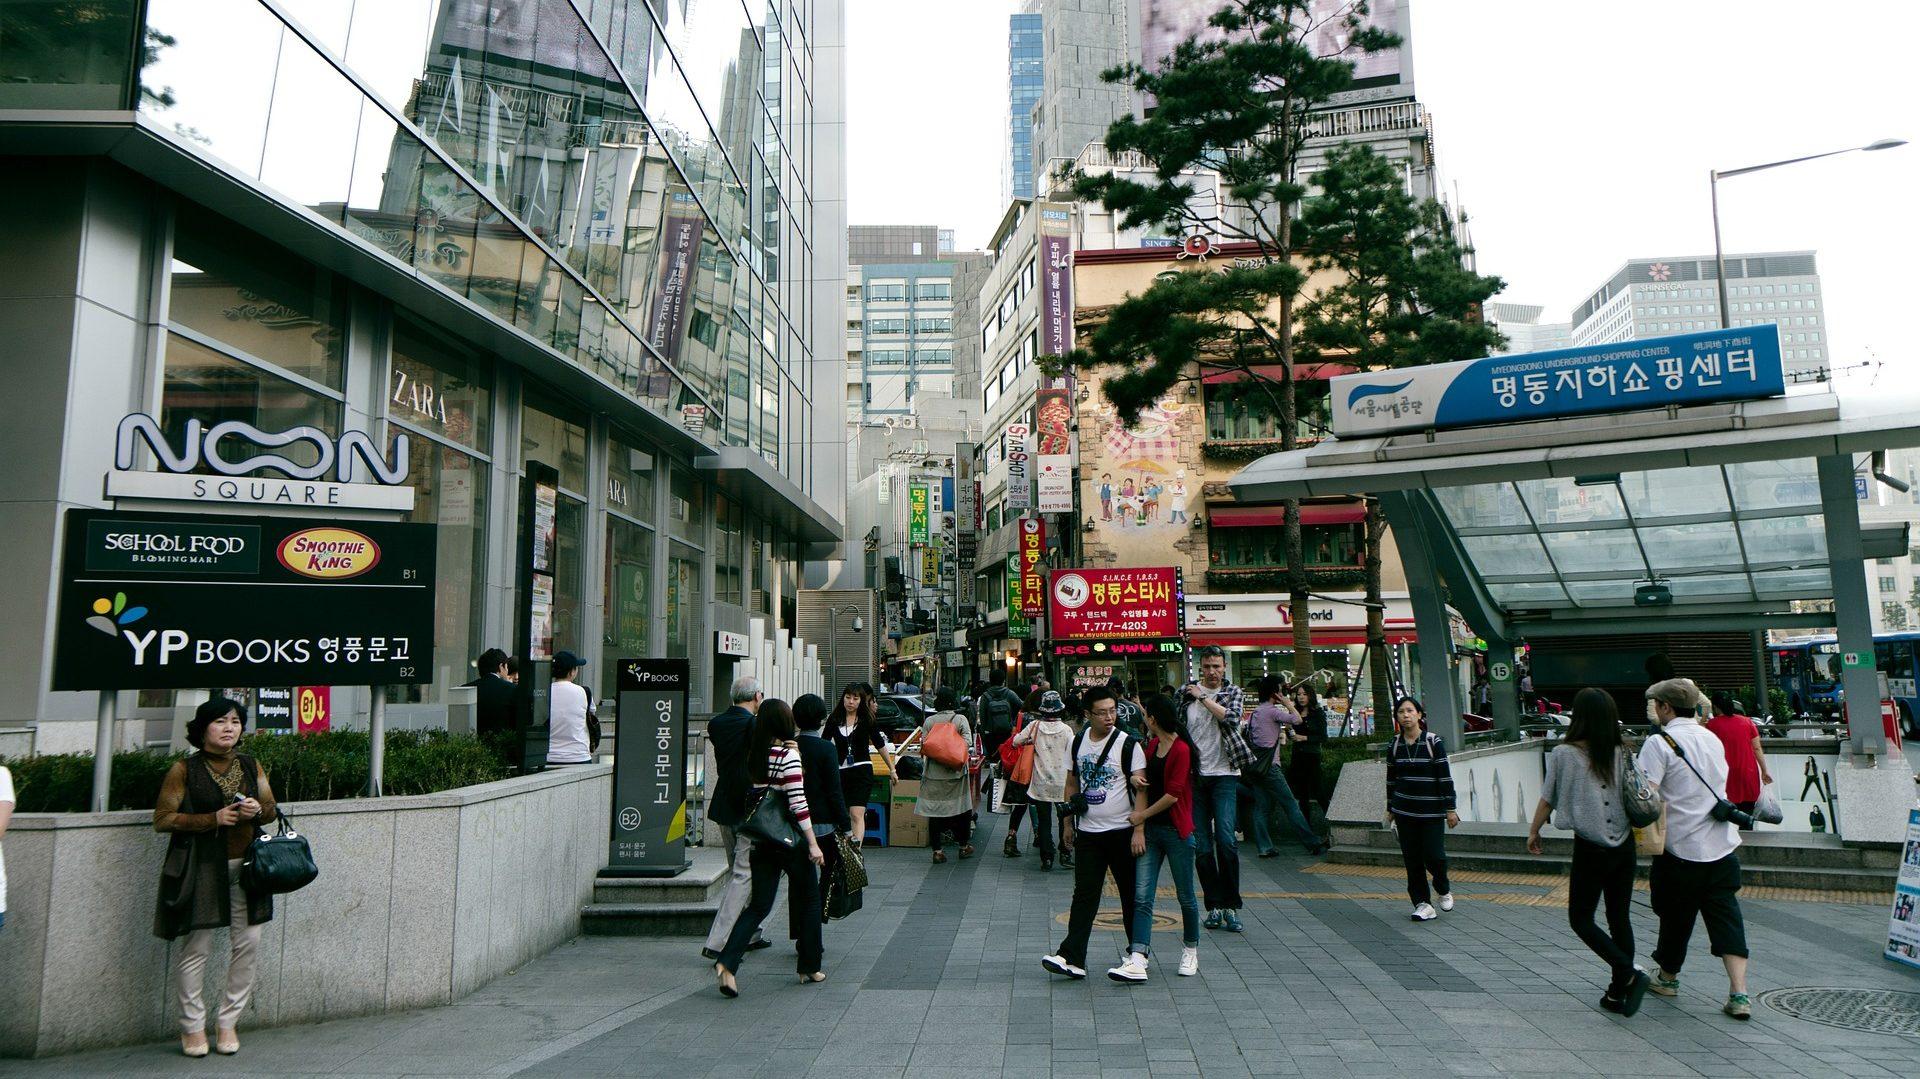 ソウル旅行で役立つ韓国語の地名や観光スポットの読み方20選!